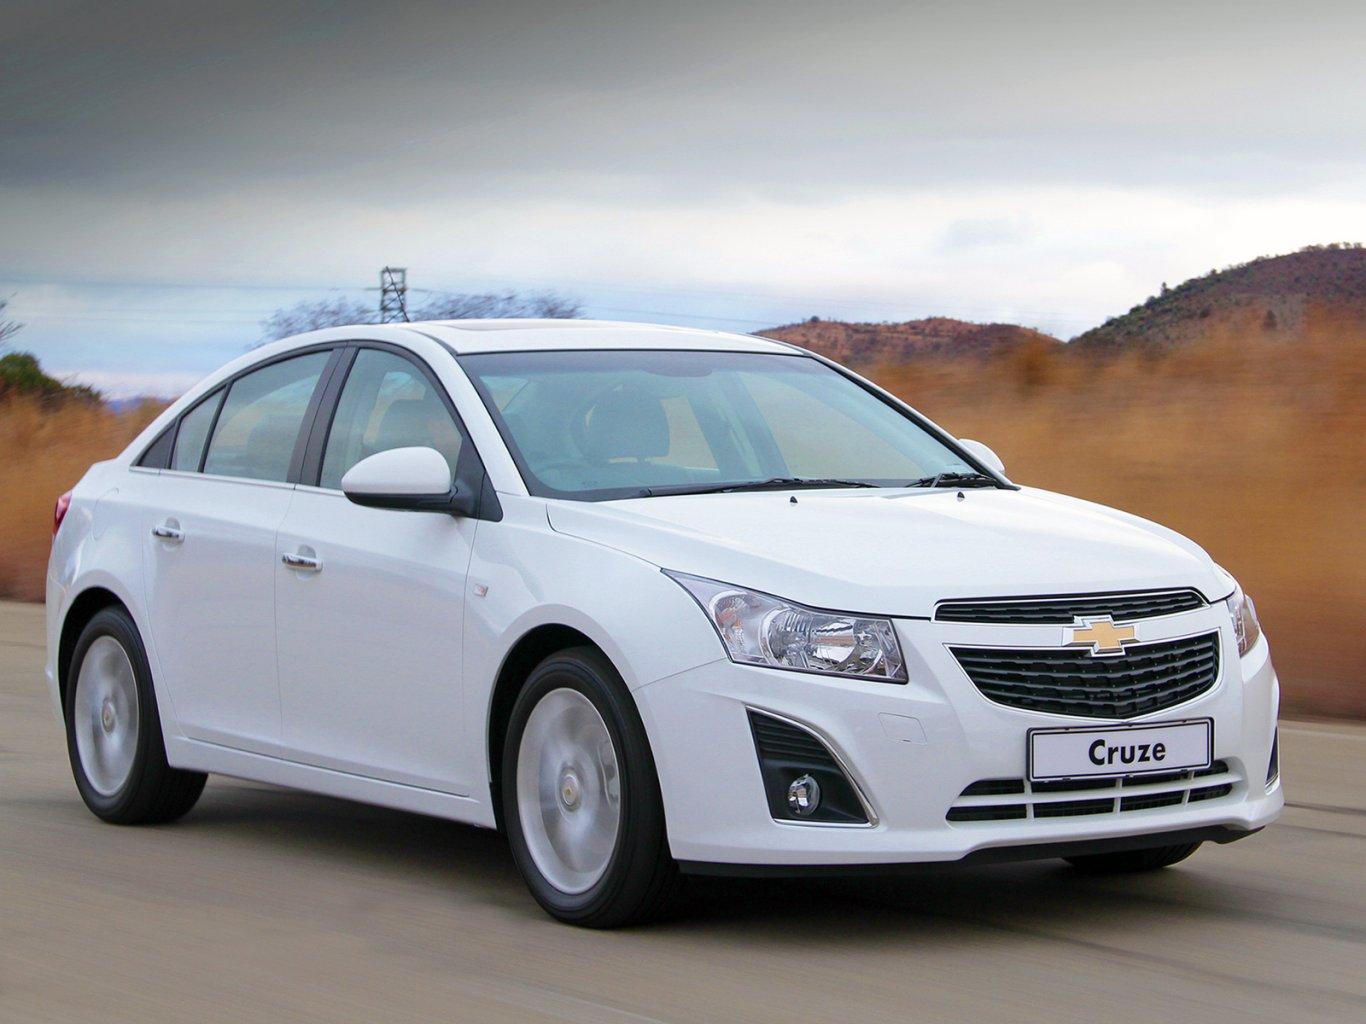 Chevrolet_Cruze_2013_фото